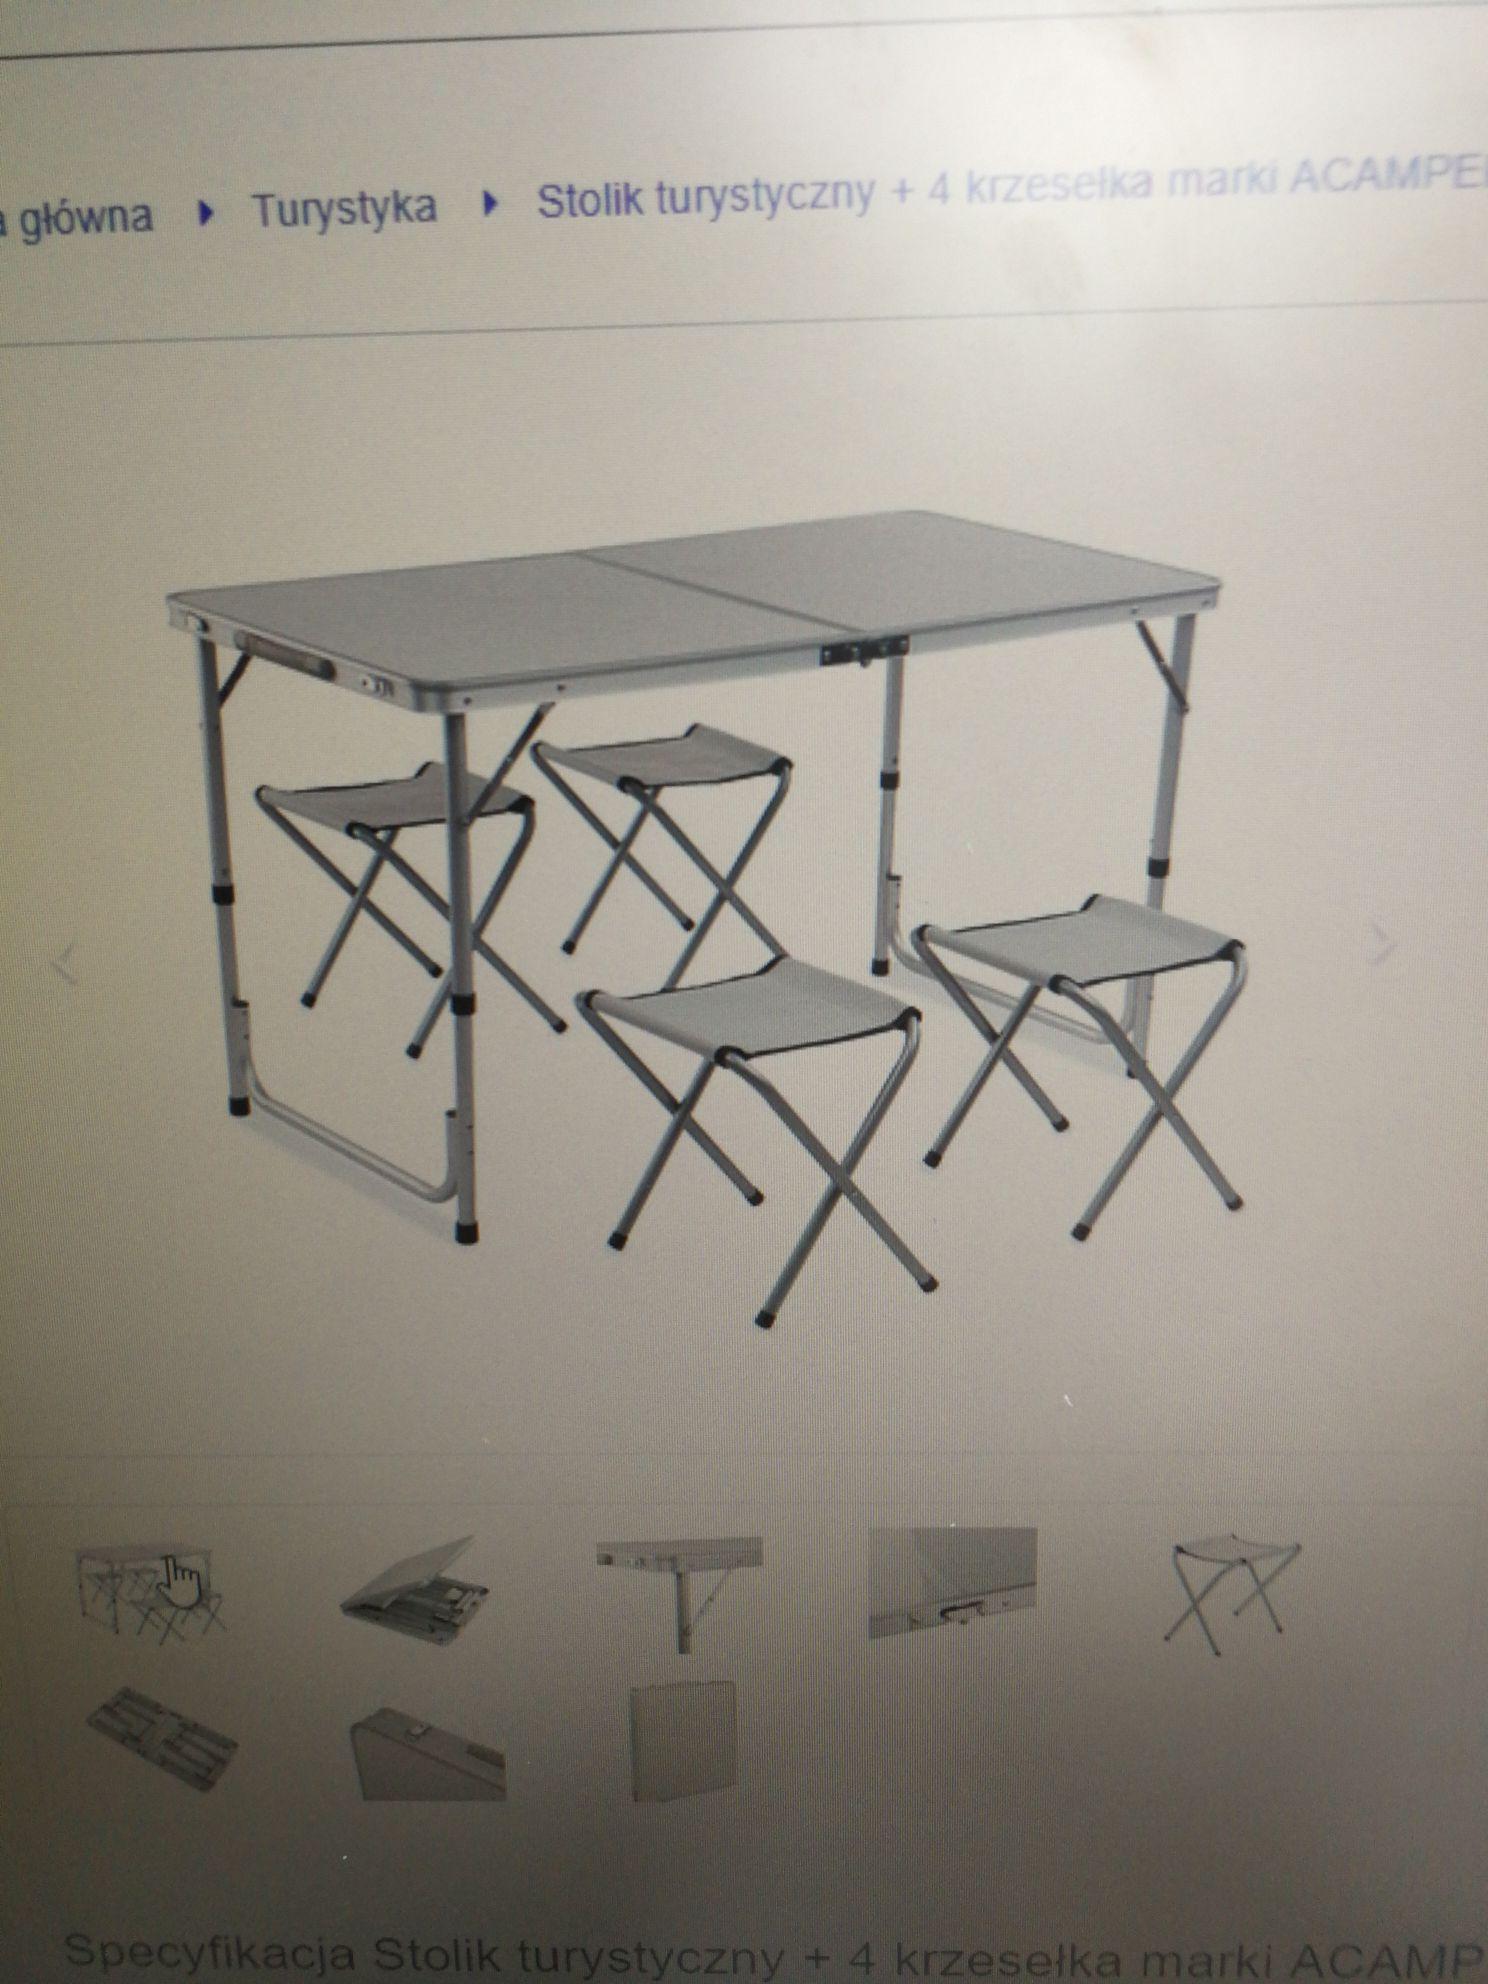 Stolik turystyczny + 4 krzesełka marki ACAMPER